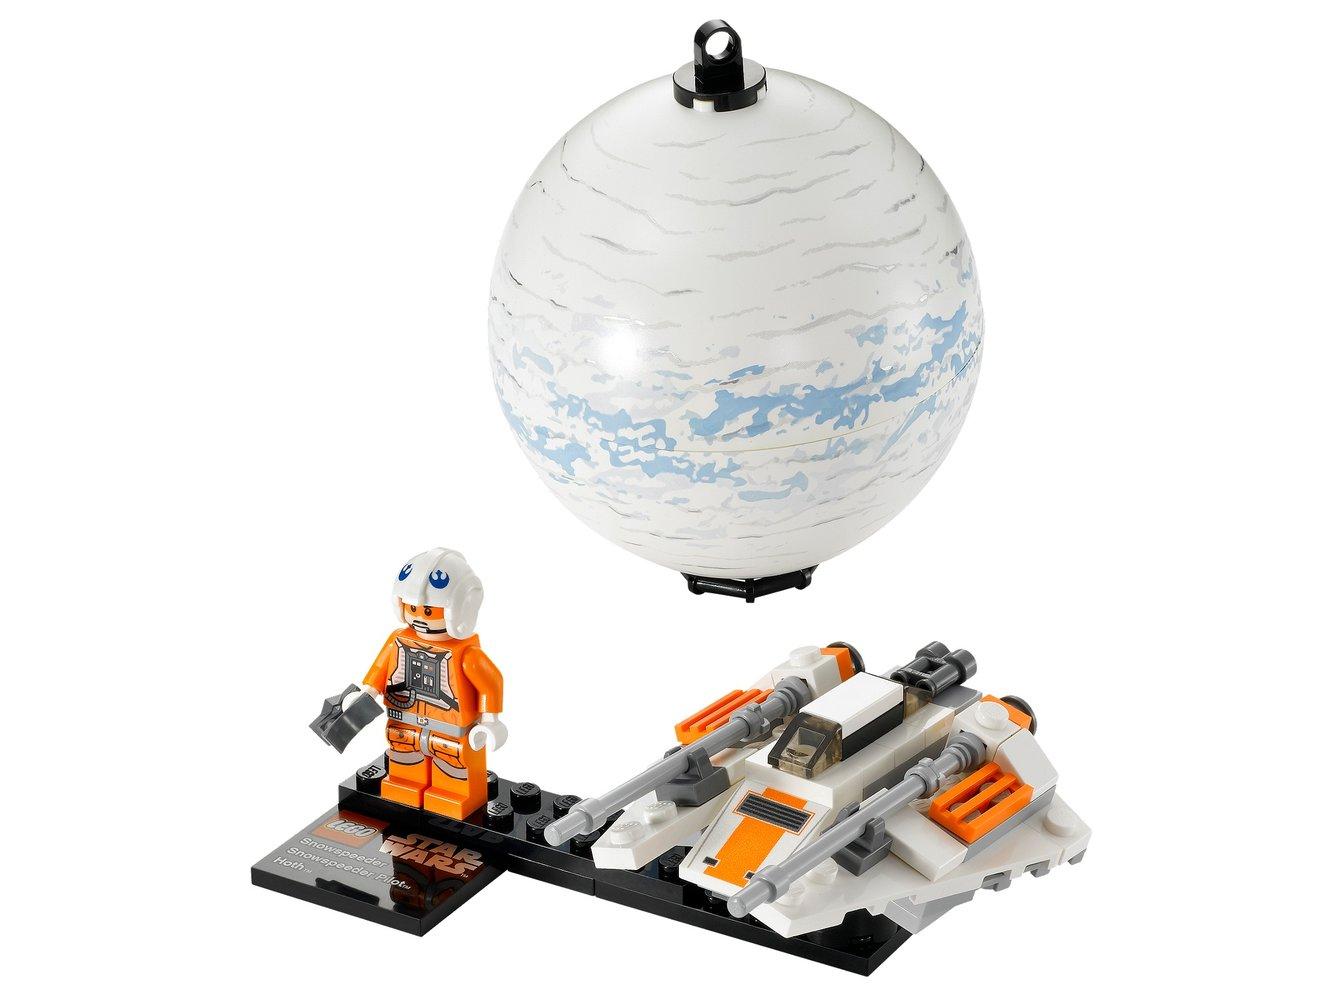 Snowspeeder & Planet Hoth